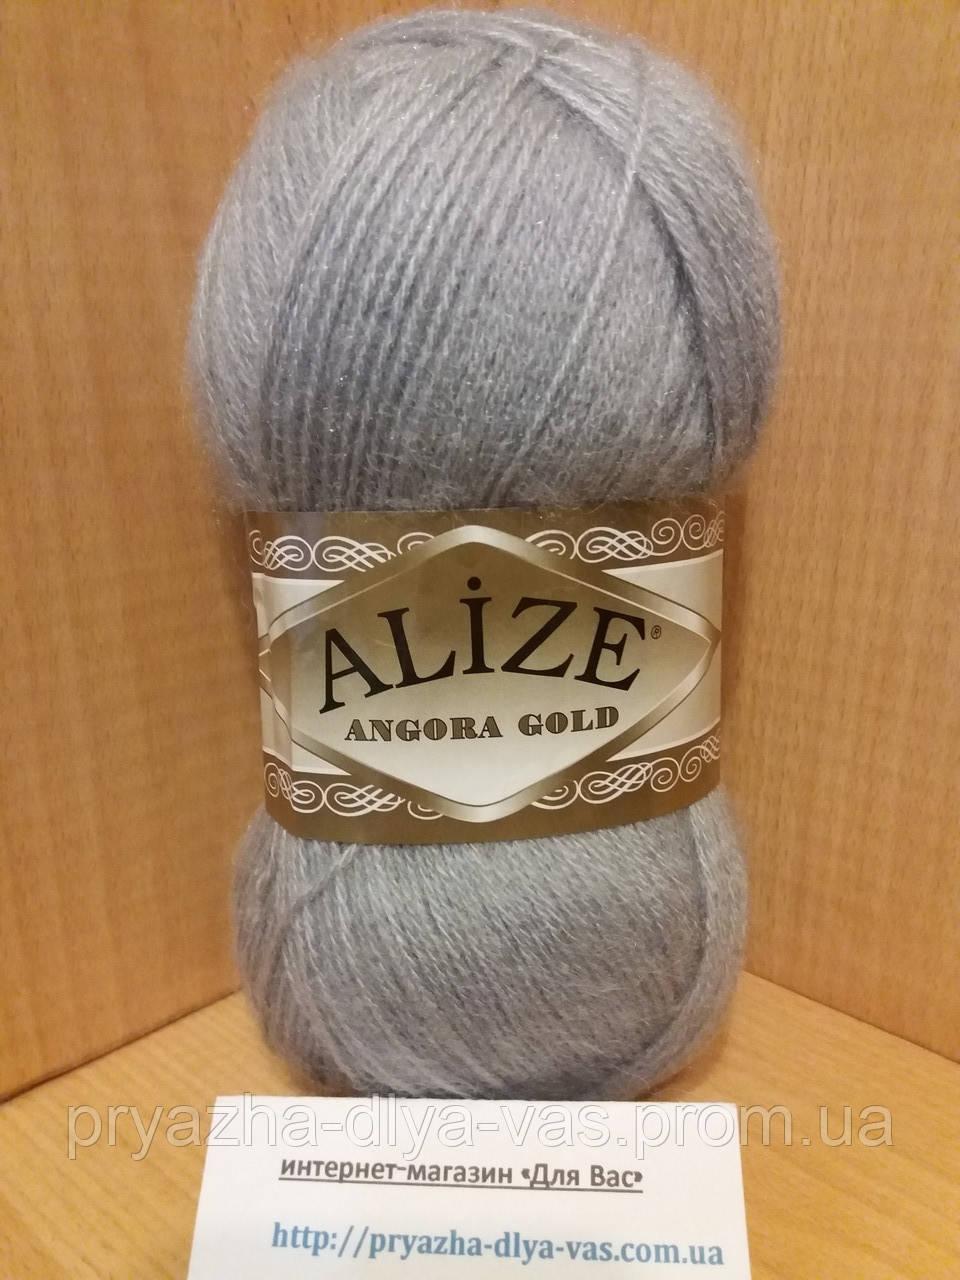 Зимняя пряжа (20% шерсть, 80% акрил; 100г/550м) Alize Angora Gold 21(серый)